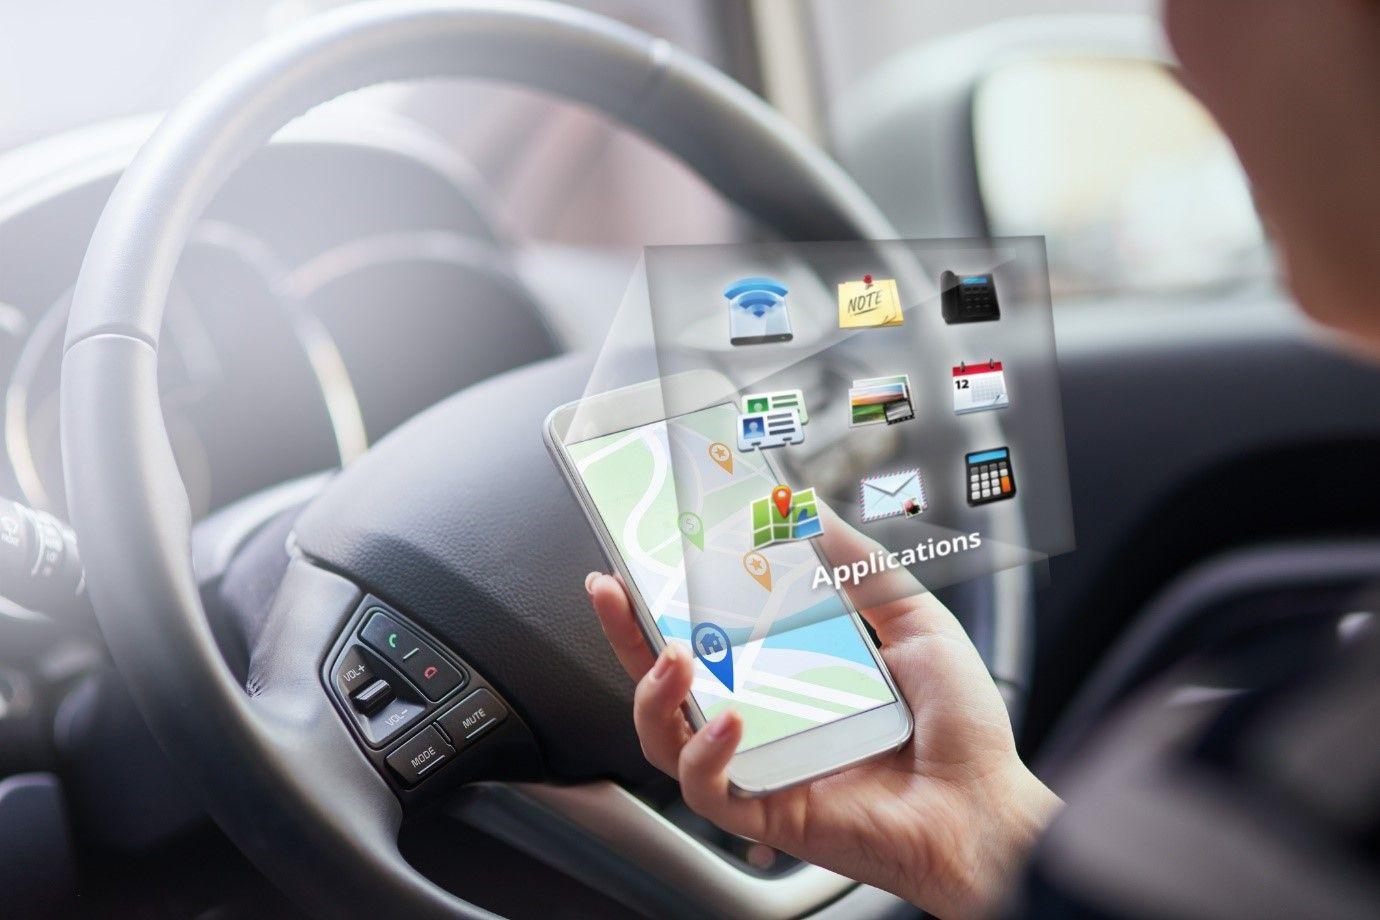 Receita gera CNAE: Motoristas de aplicativos como Uber, Cabify e 99 poderão se registrar como #MEI. A contribuição para o #INSS é obrigatória e de responsabilidade do motorista